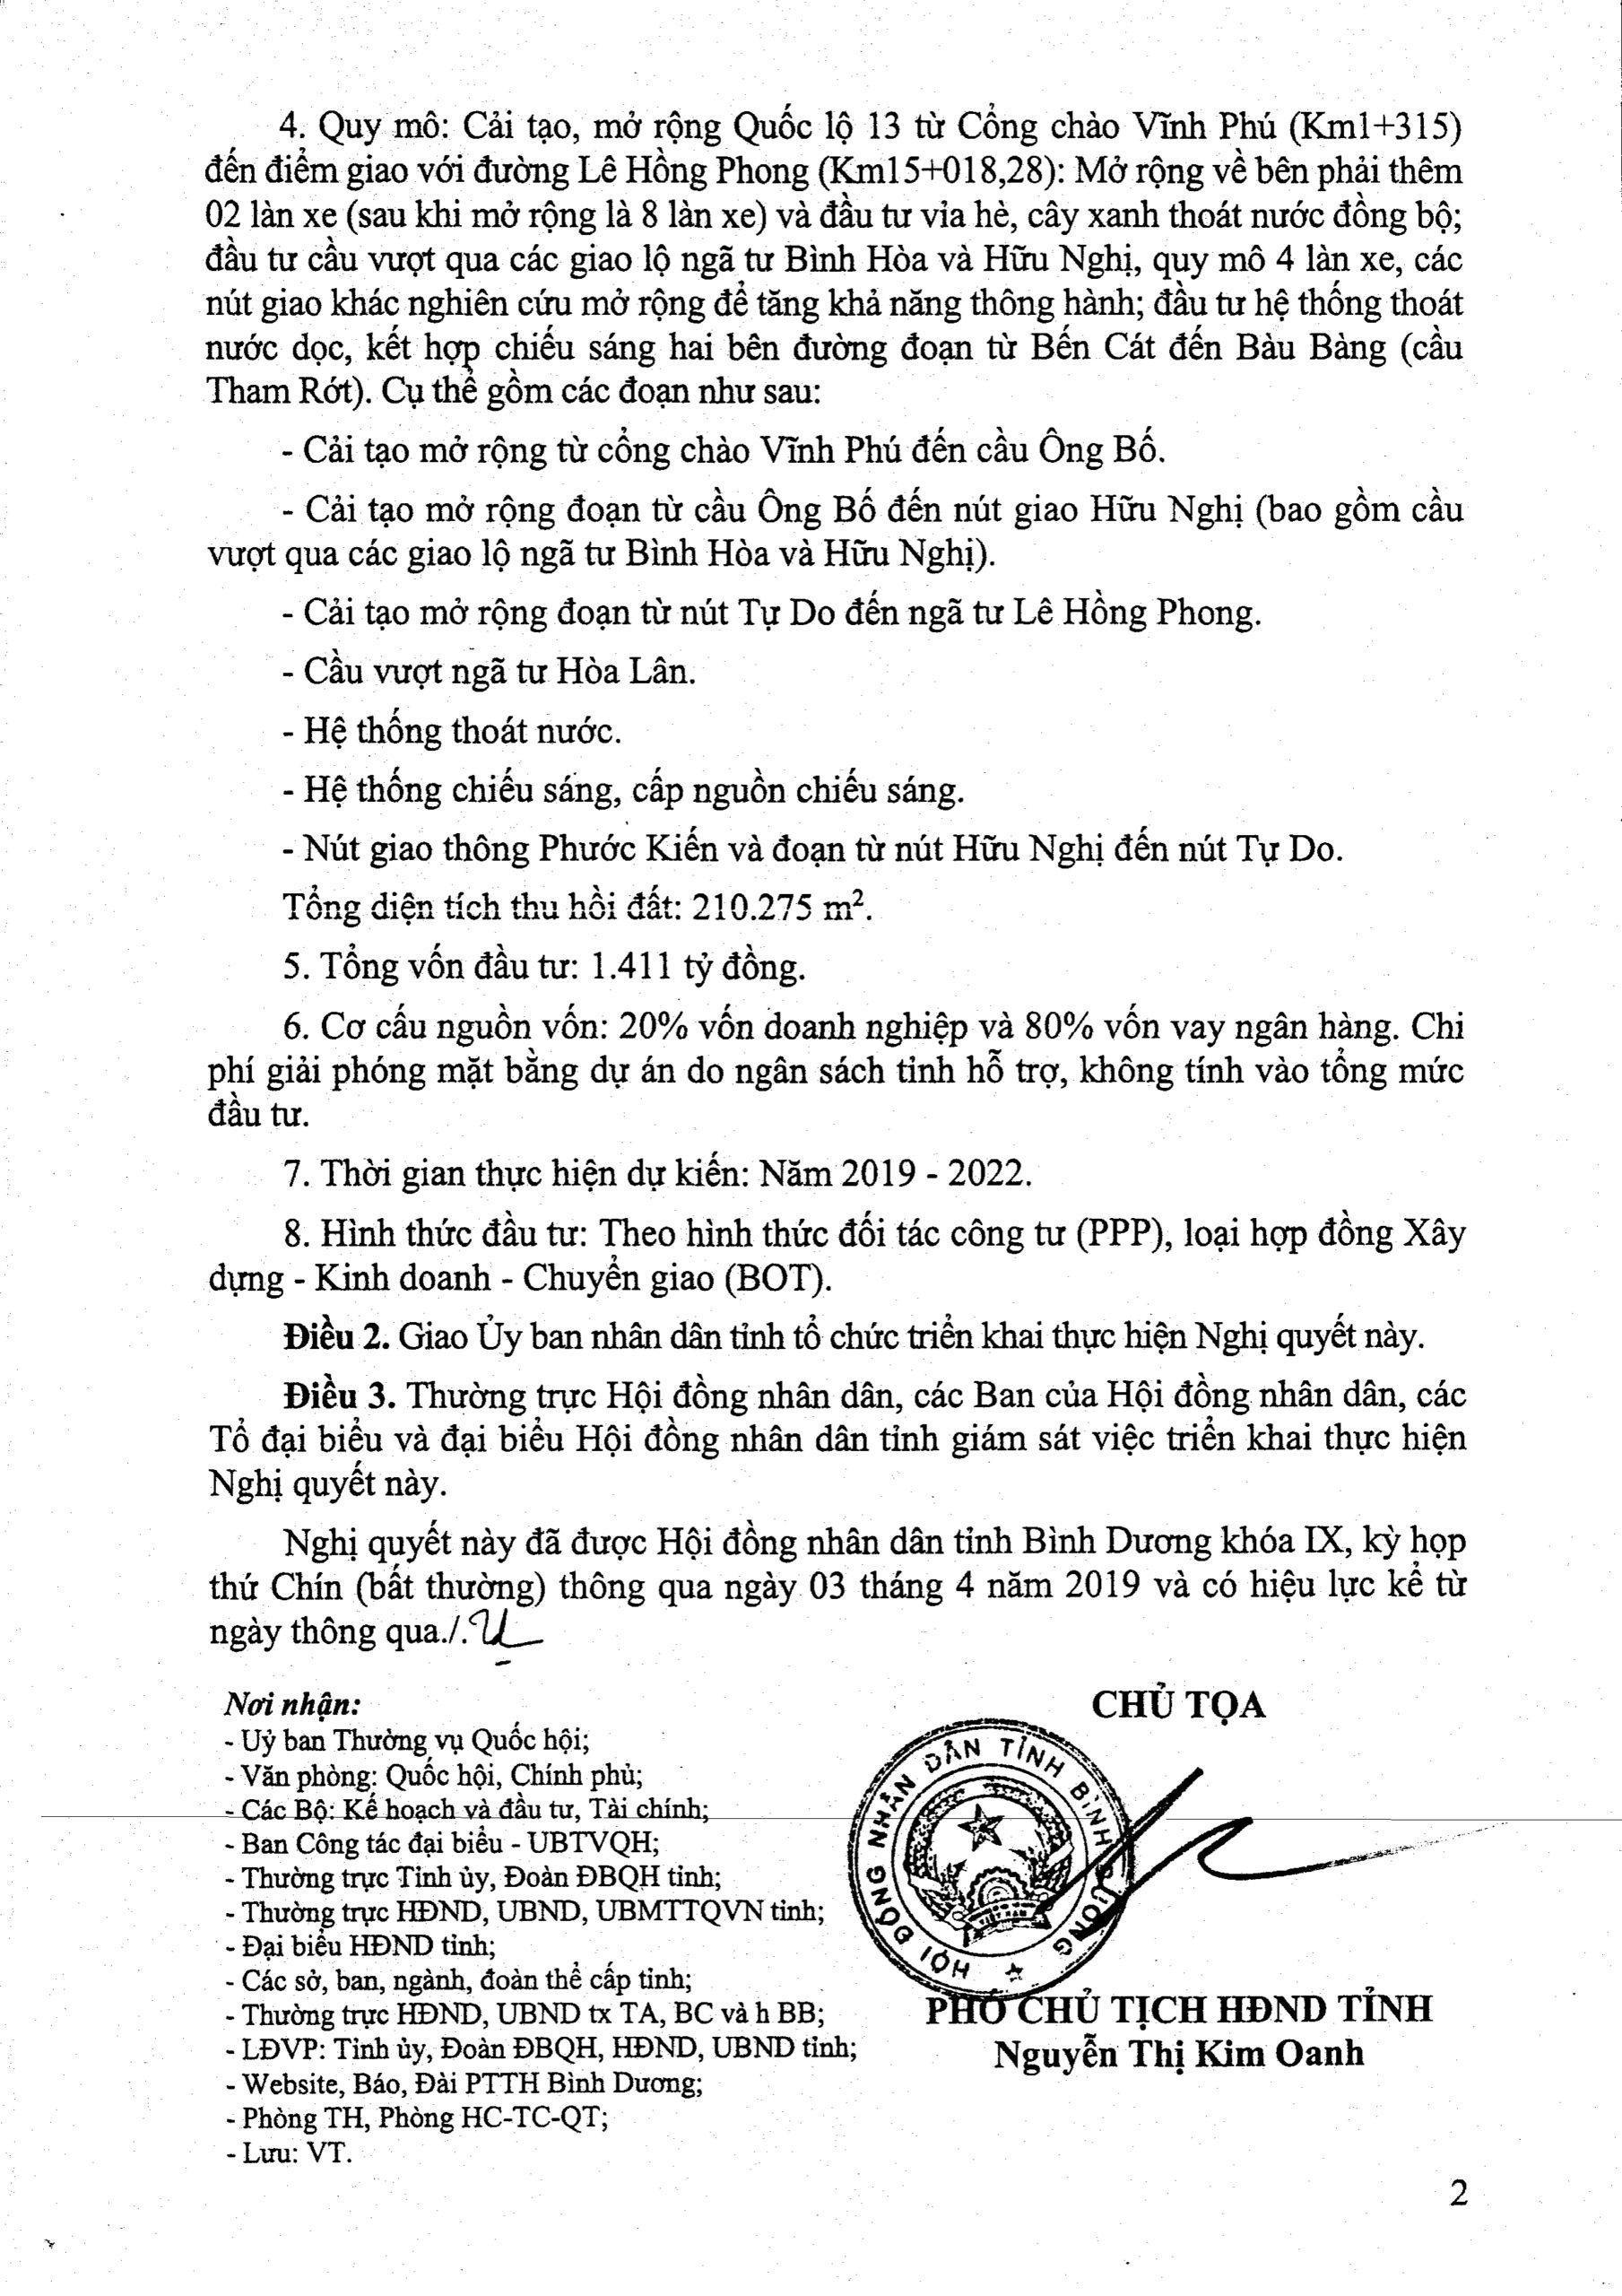 nghi quyet chu truong dau tu mo rong duong quoc lo 13 binh duong scaled - Định hướng quy hoạch Tỉnh Bình Dương mới nhất